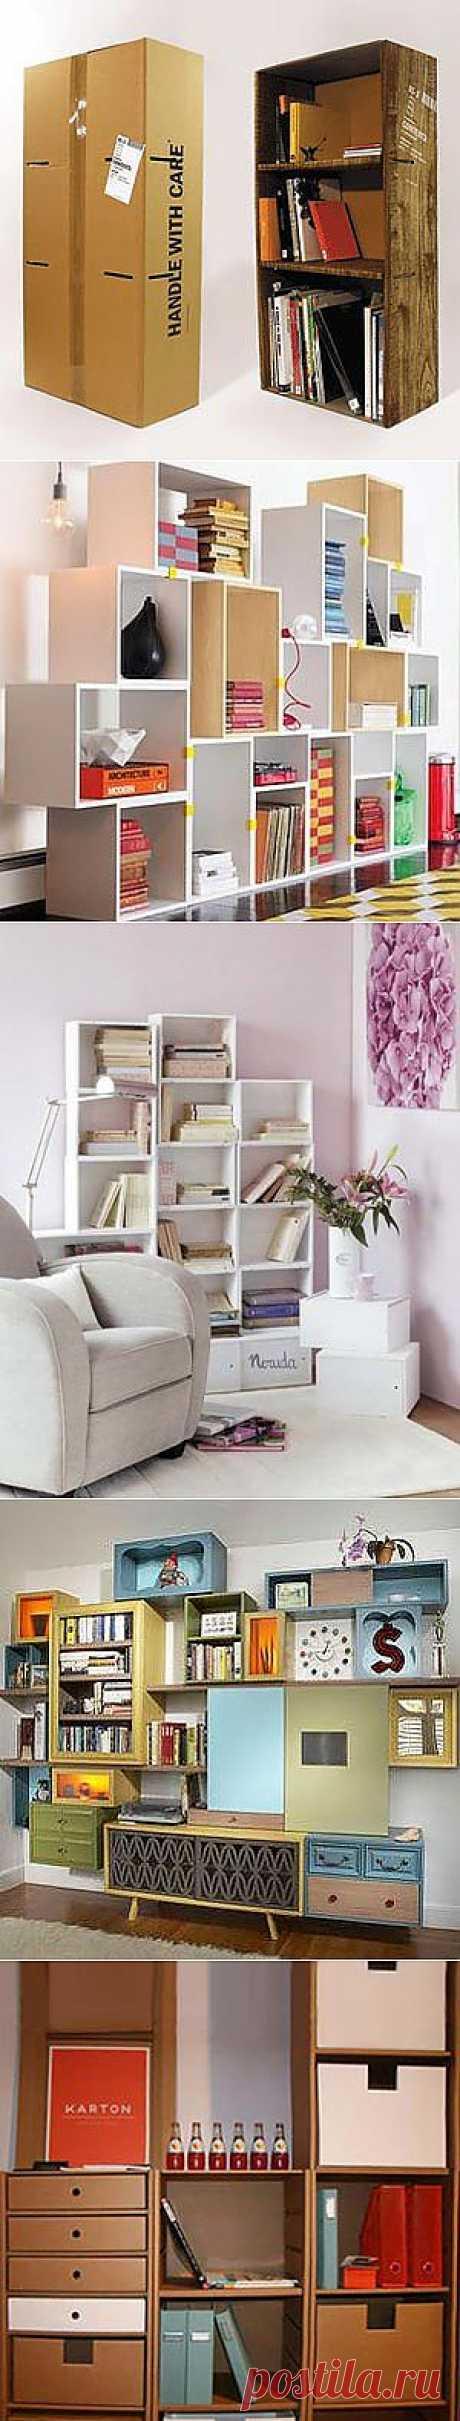 (+1) тема - Самодельная мебель | УЮТНЫЙ ДОМ | советы